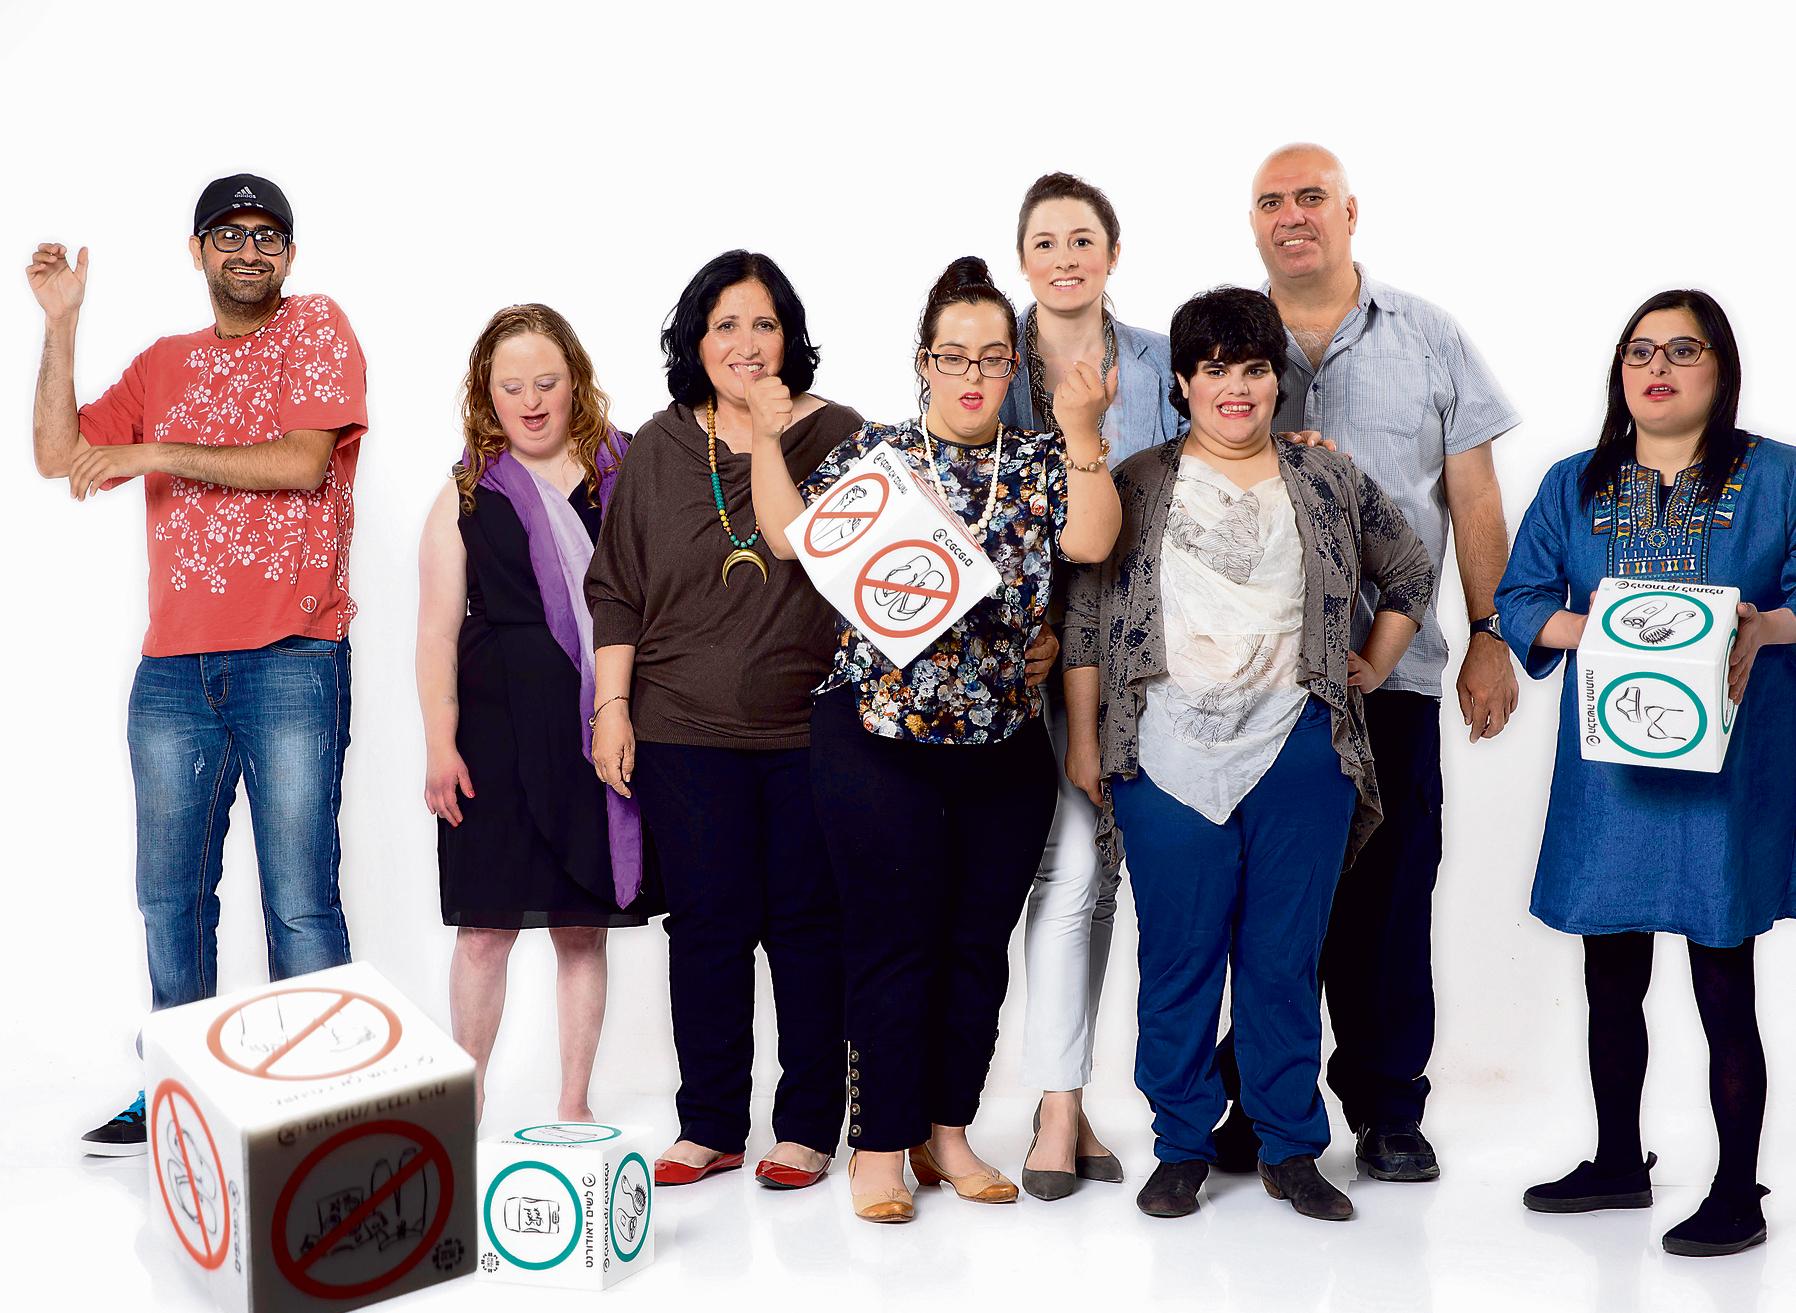 מימין: שרה יפרח, בת 27, מירב יצחק, בת 32, רמי טווינה, בן 49, רותי טרבס, בת 39, בת אל בוארון, בת 24, שושנה קנפו, בת 35, סאלי לוי, בן 27